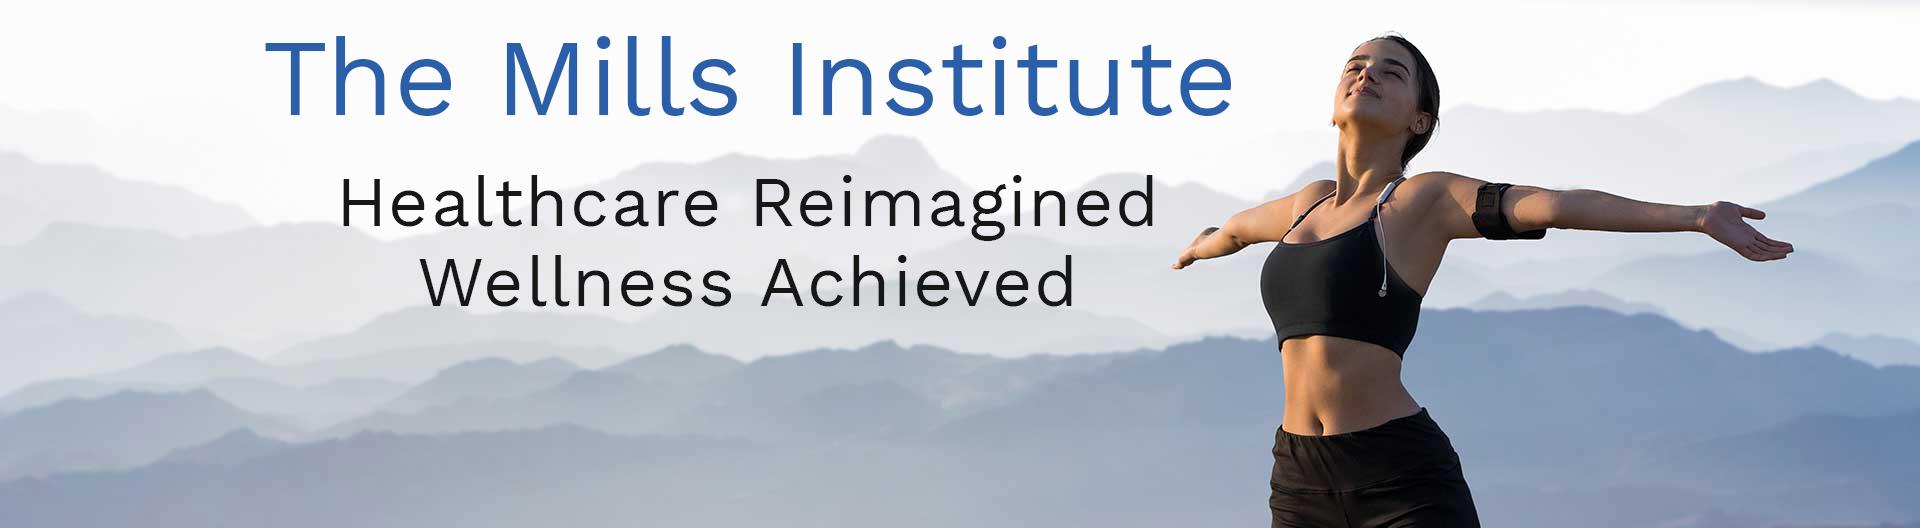 The Mills Institute